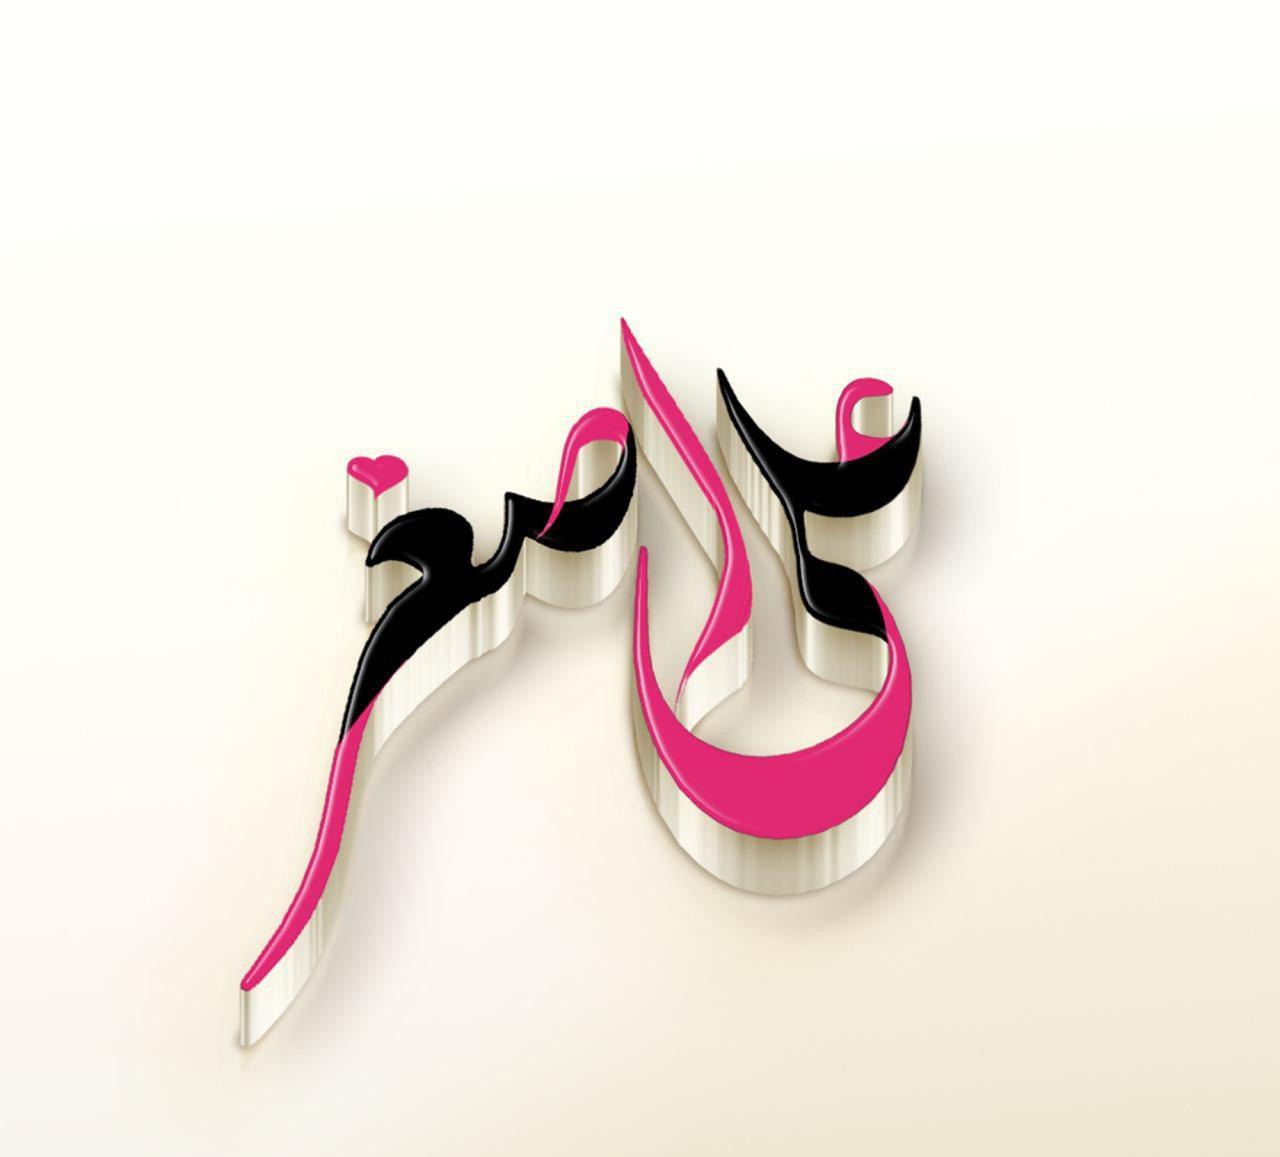 عکس پروفایل سه بعدی اسم علی اصغر